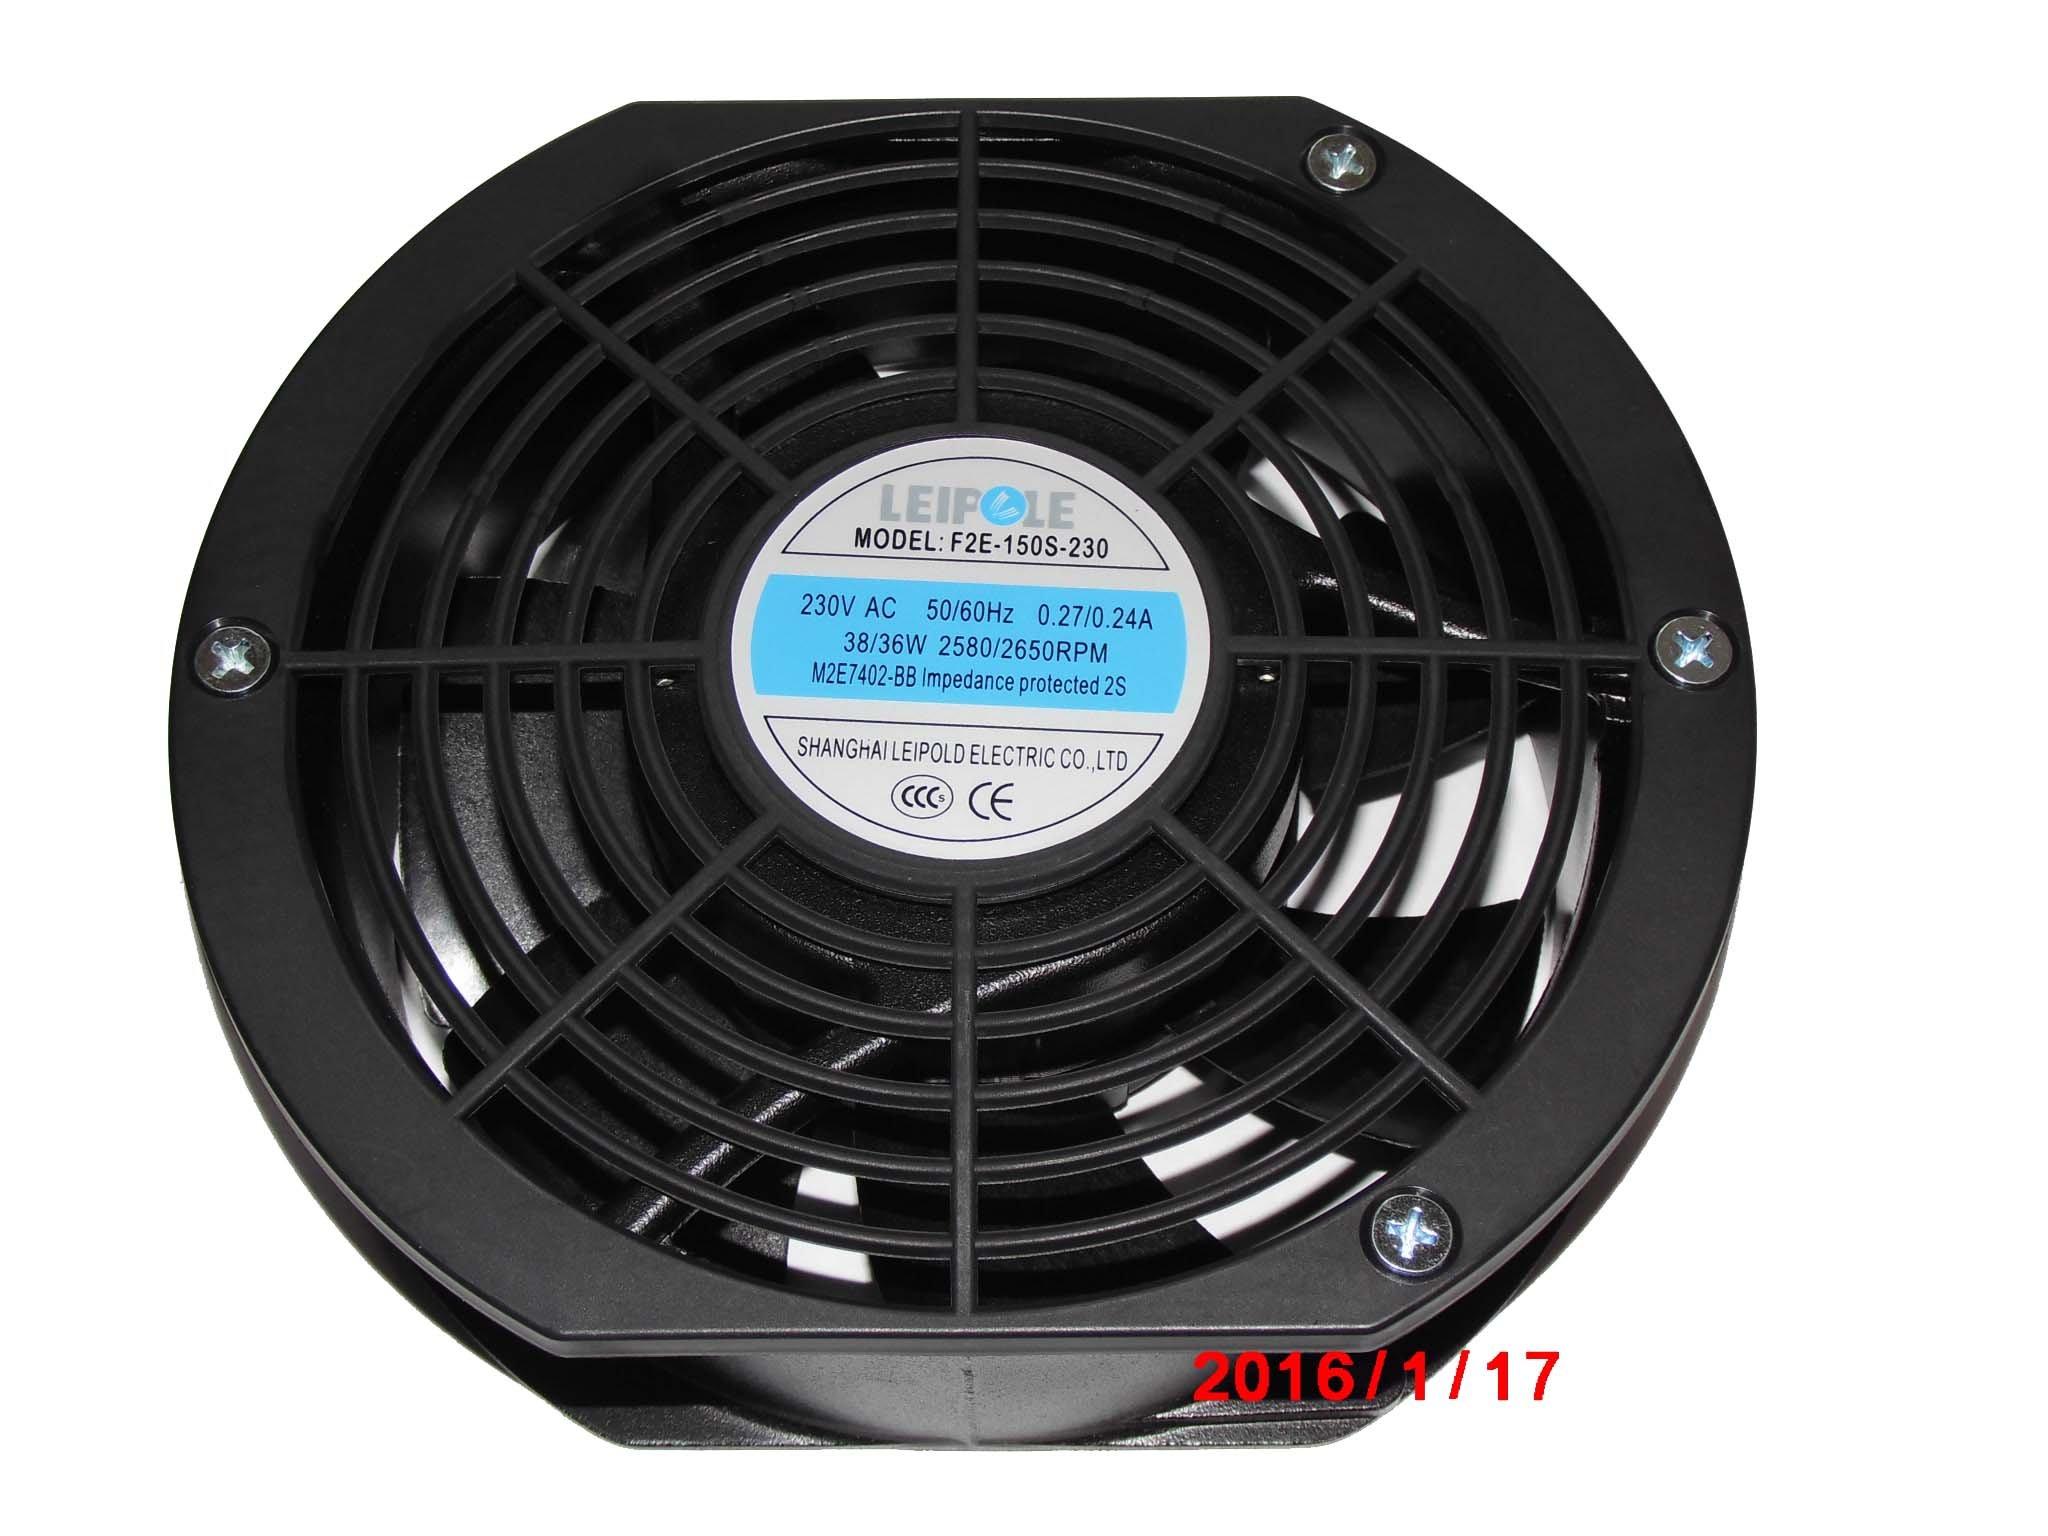 LEIPOLD 172mm F2E-150S-230 230V 50/60Hz 0.27/0.24A 38/36W 2580/2650RPM M2E7402-BB Industrial fan